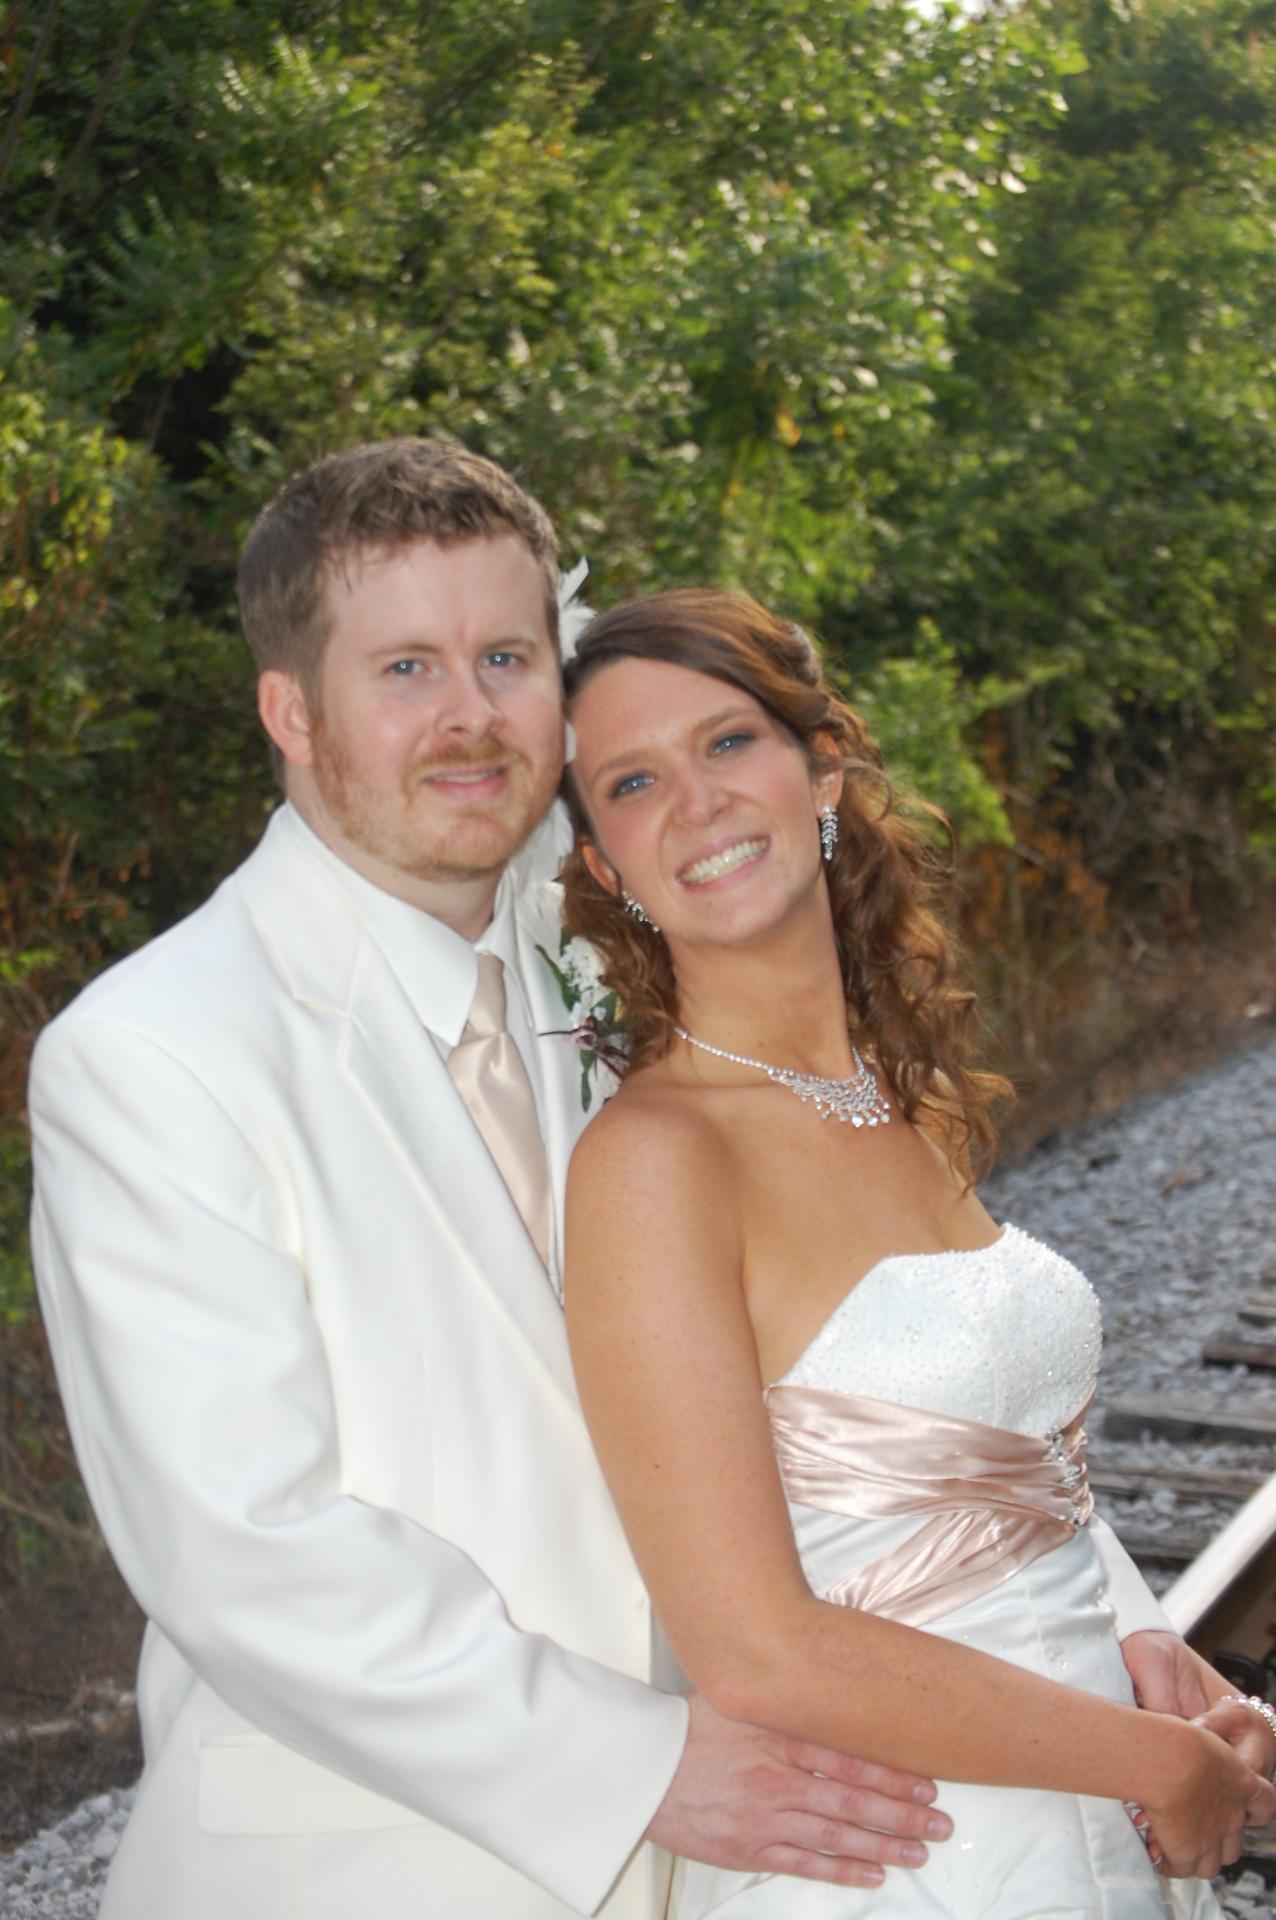 Nashville Wedding Photography